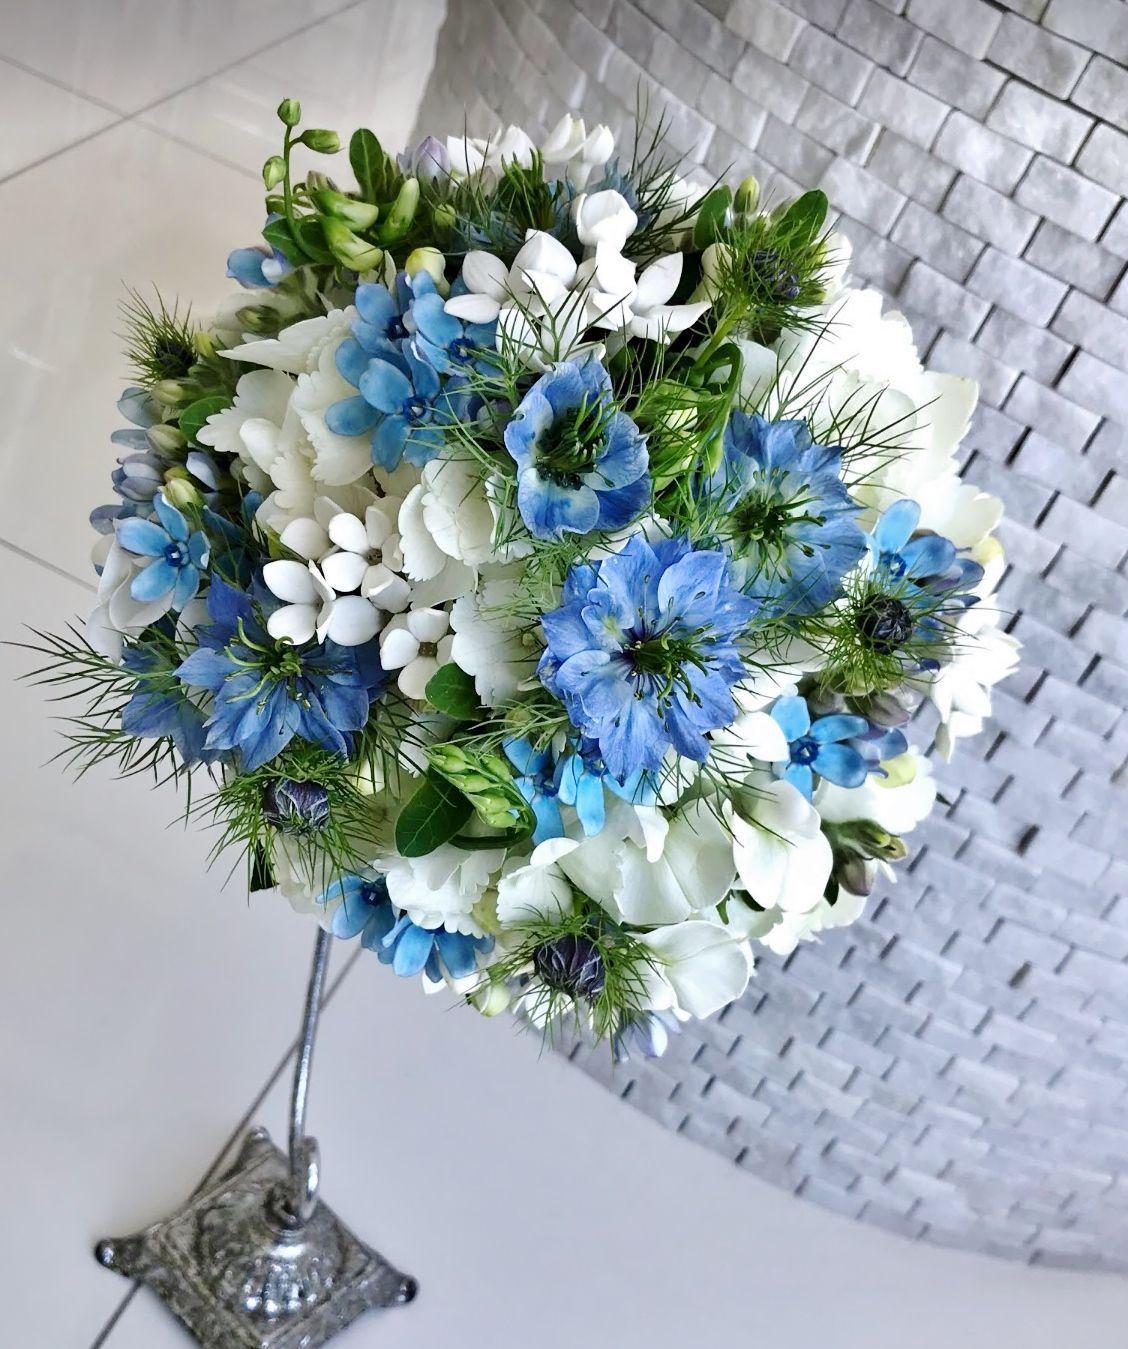 Novaresevressetrosewedding Bouquet Natural Flower Bridal